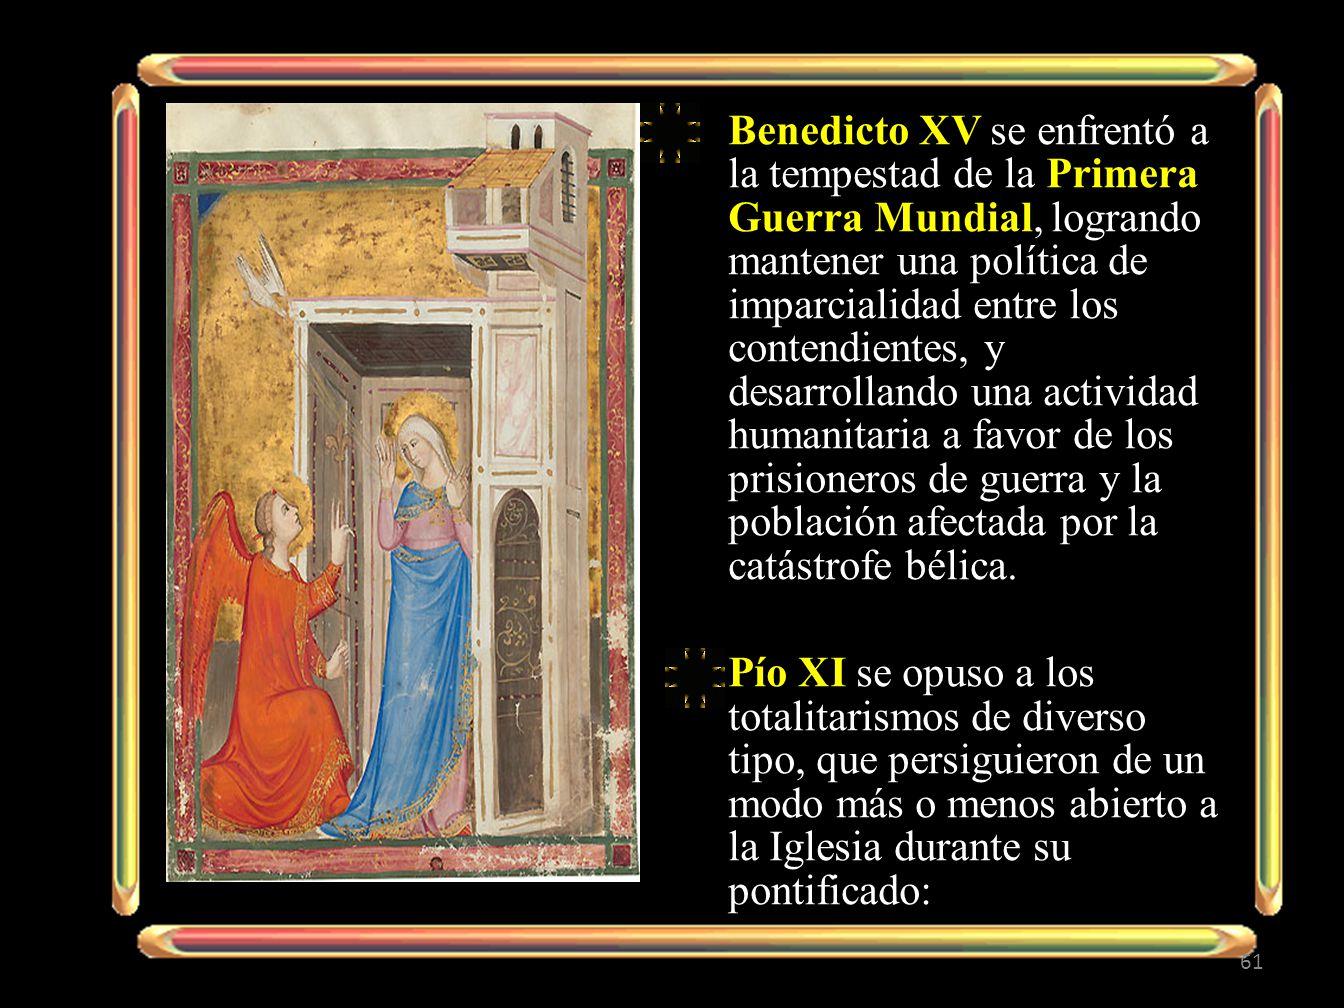 Benedicto XV se enfrentó a la tempestad de la Primera Guerra Mundial, logrando mantener una política de imparcialidad entre los contendientes, y desarrollando una actividad humanitaria a favor de los prisioneros de guerra y la población afectada por la catástrofe bélica.